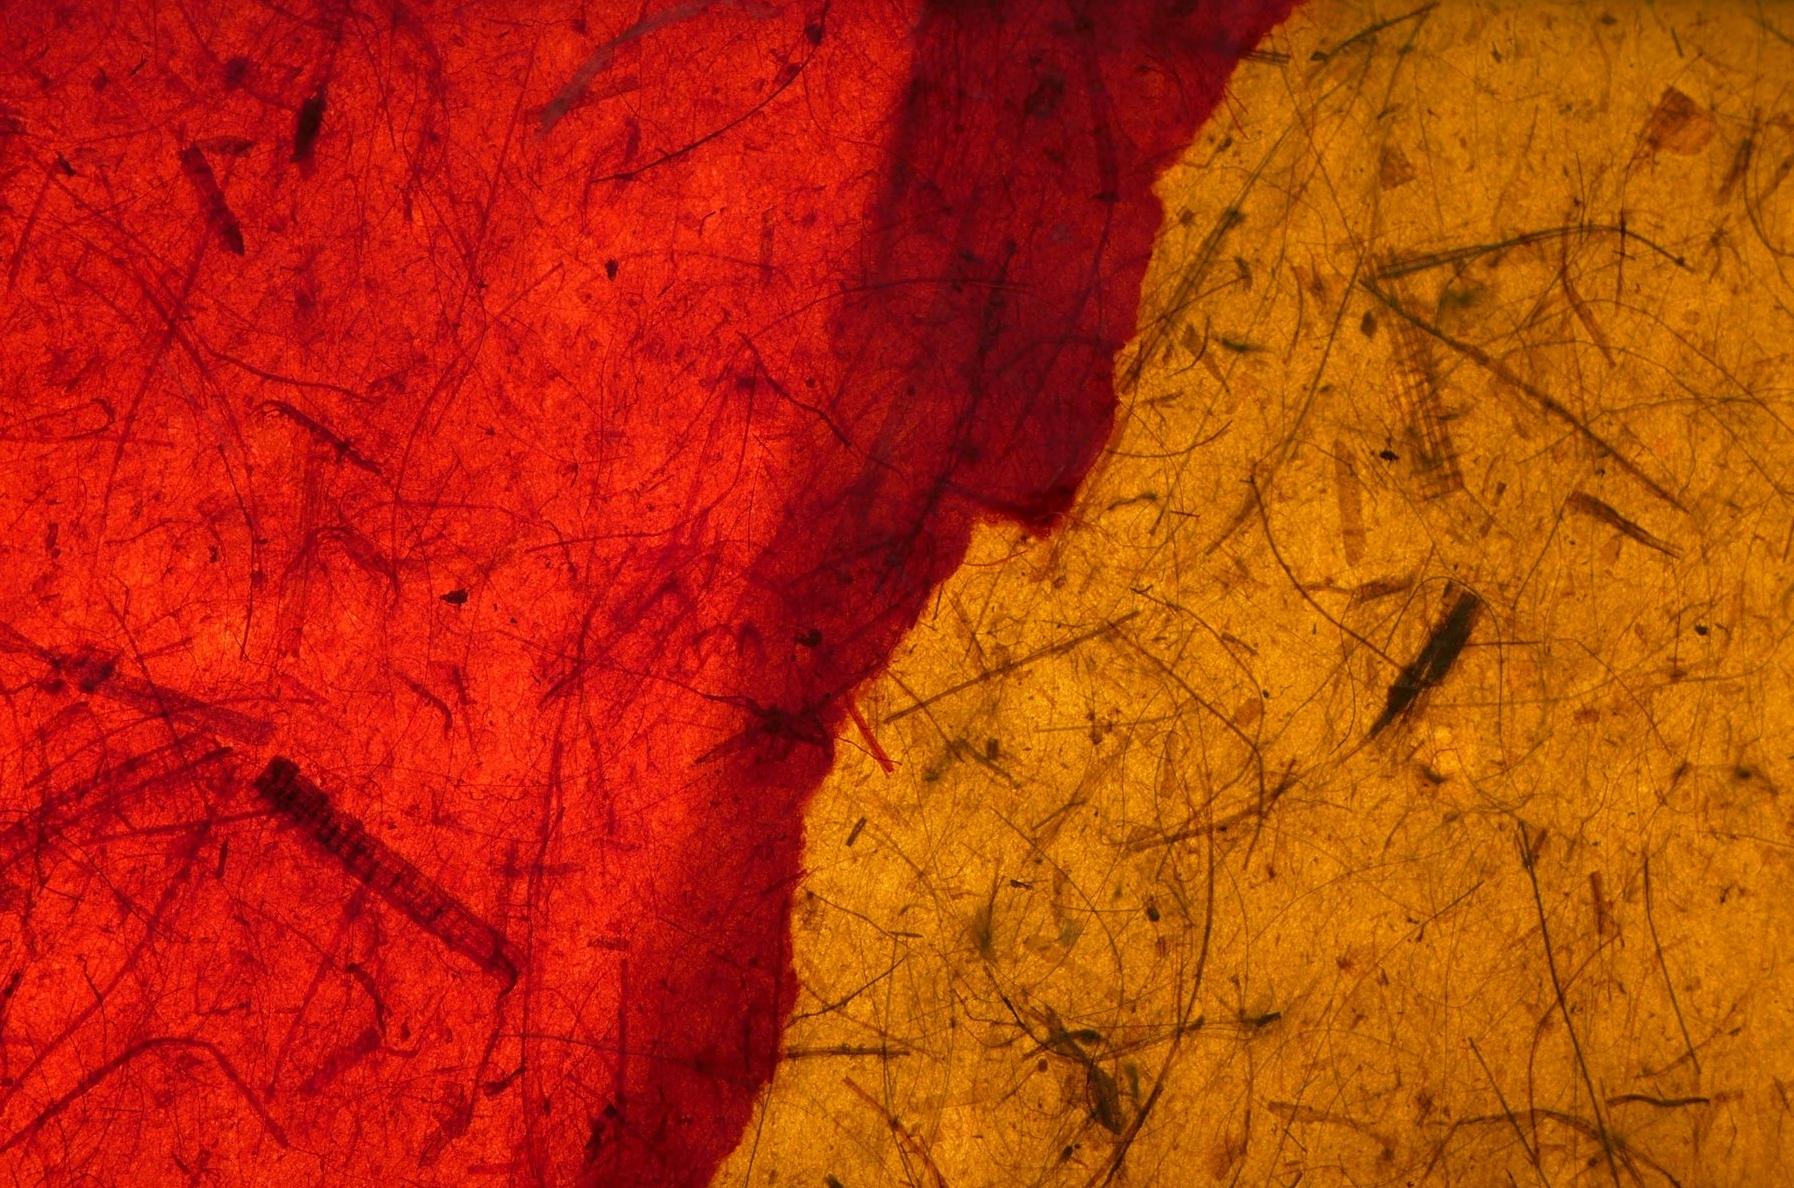 Red & Yellow Thai banana paper lit.jpg